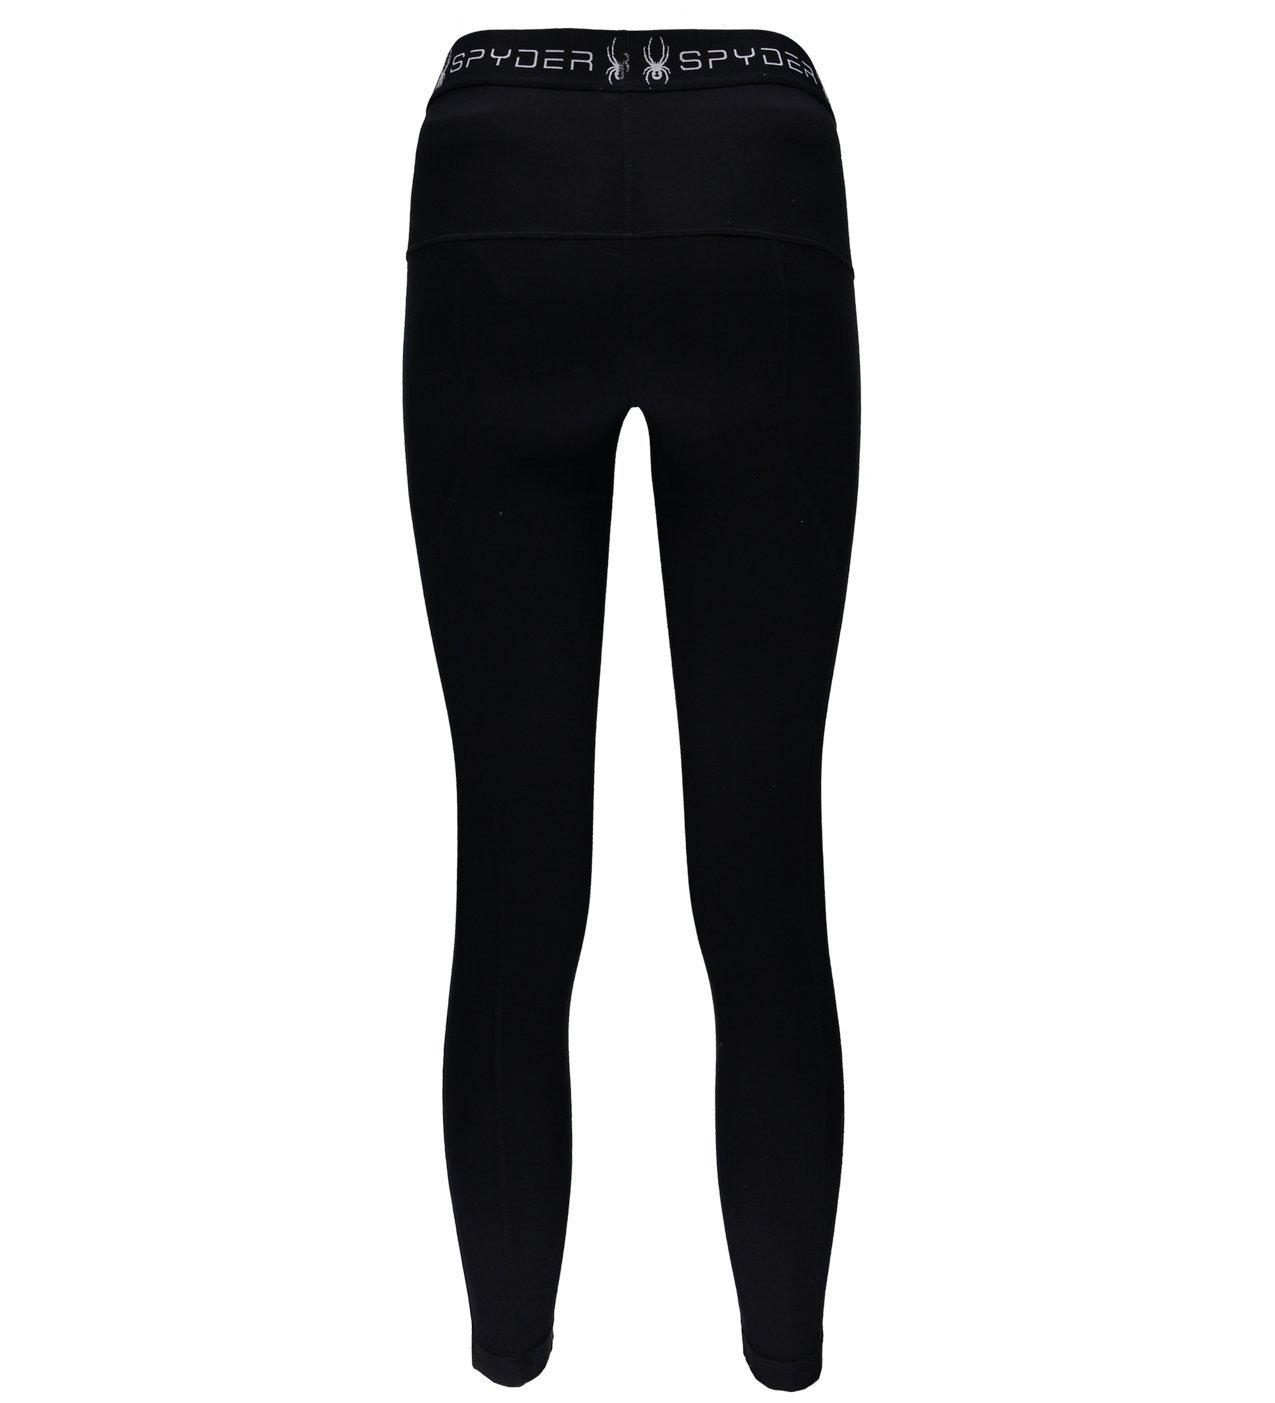 Spyder Women's Huron Baselayer Pant, Black/Black, Small